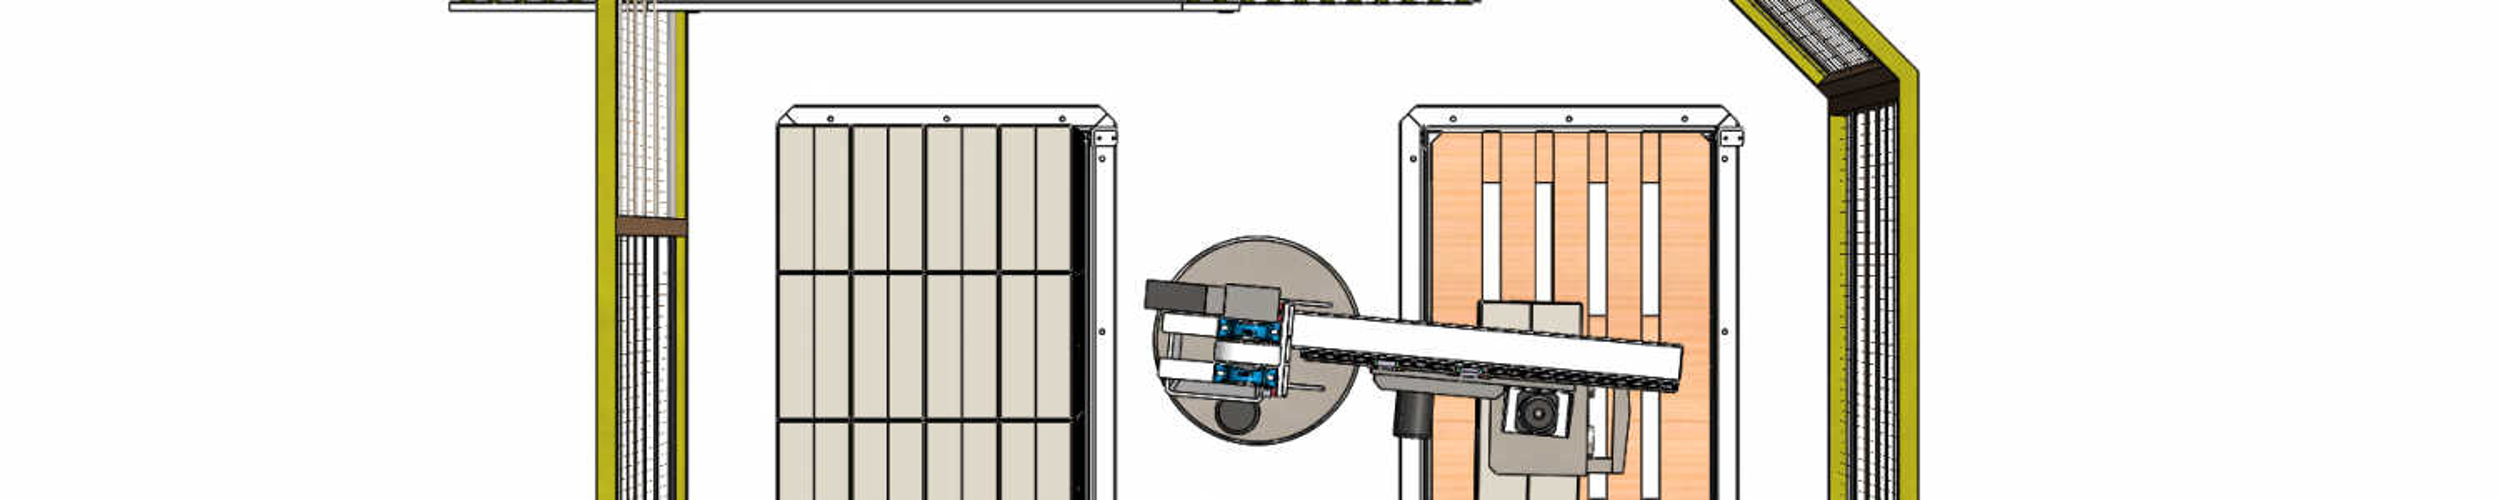 compacte palletiser voor 2 europaletten